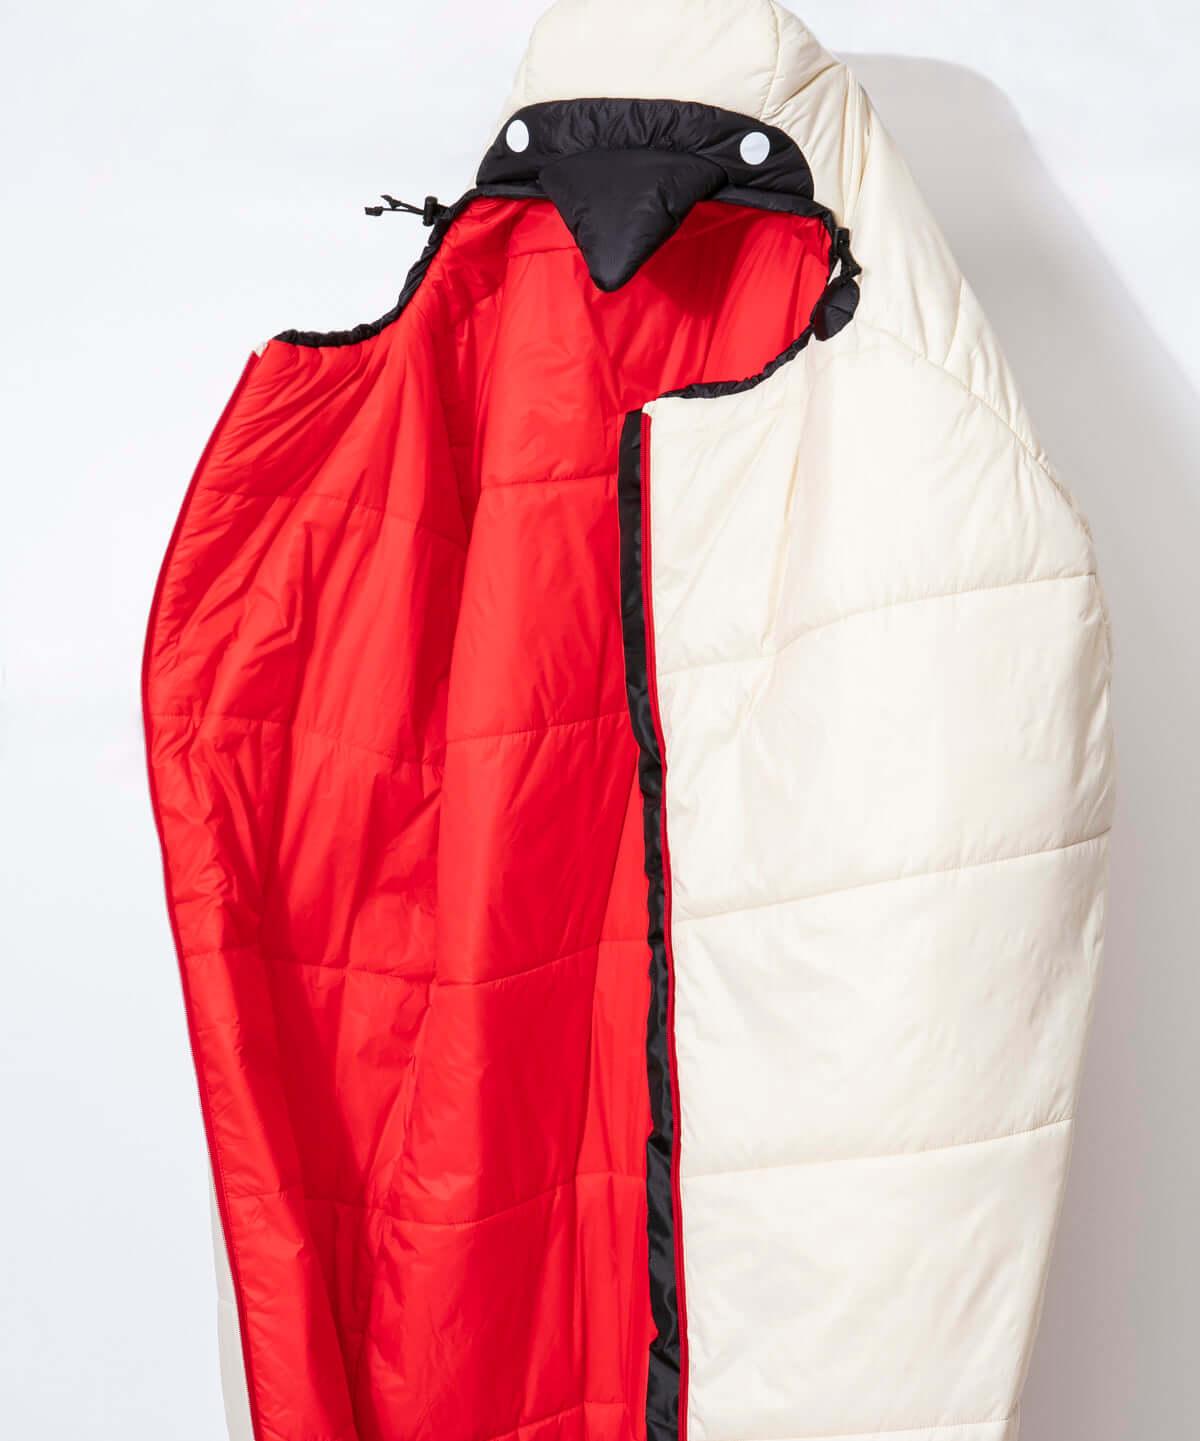 「CHUMS」待望の寝袋シリーズが発売|ブービーバードに変身できる寝袋が登場 life190318_chums_7-1200x1441